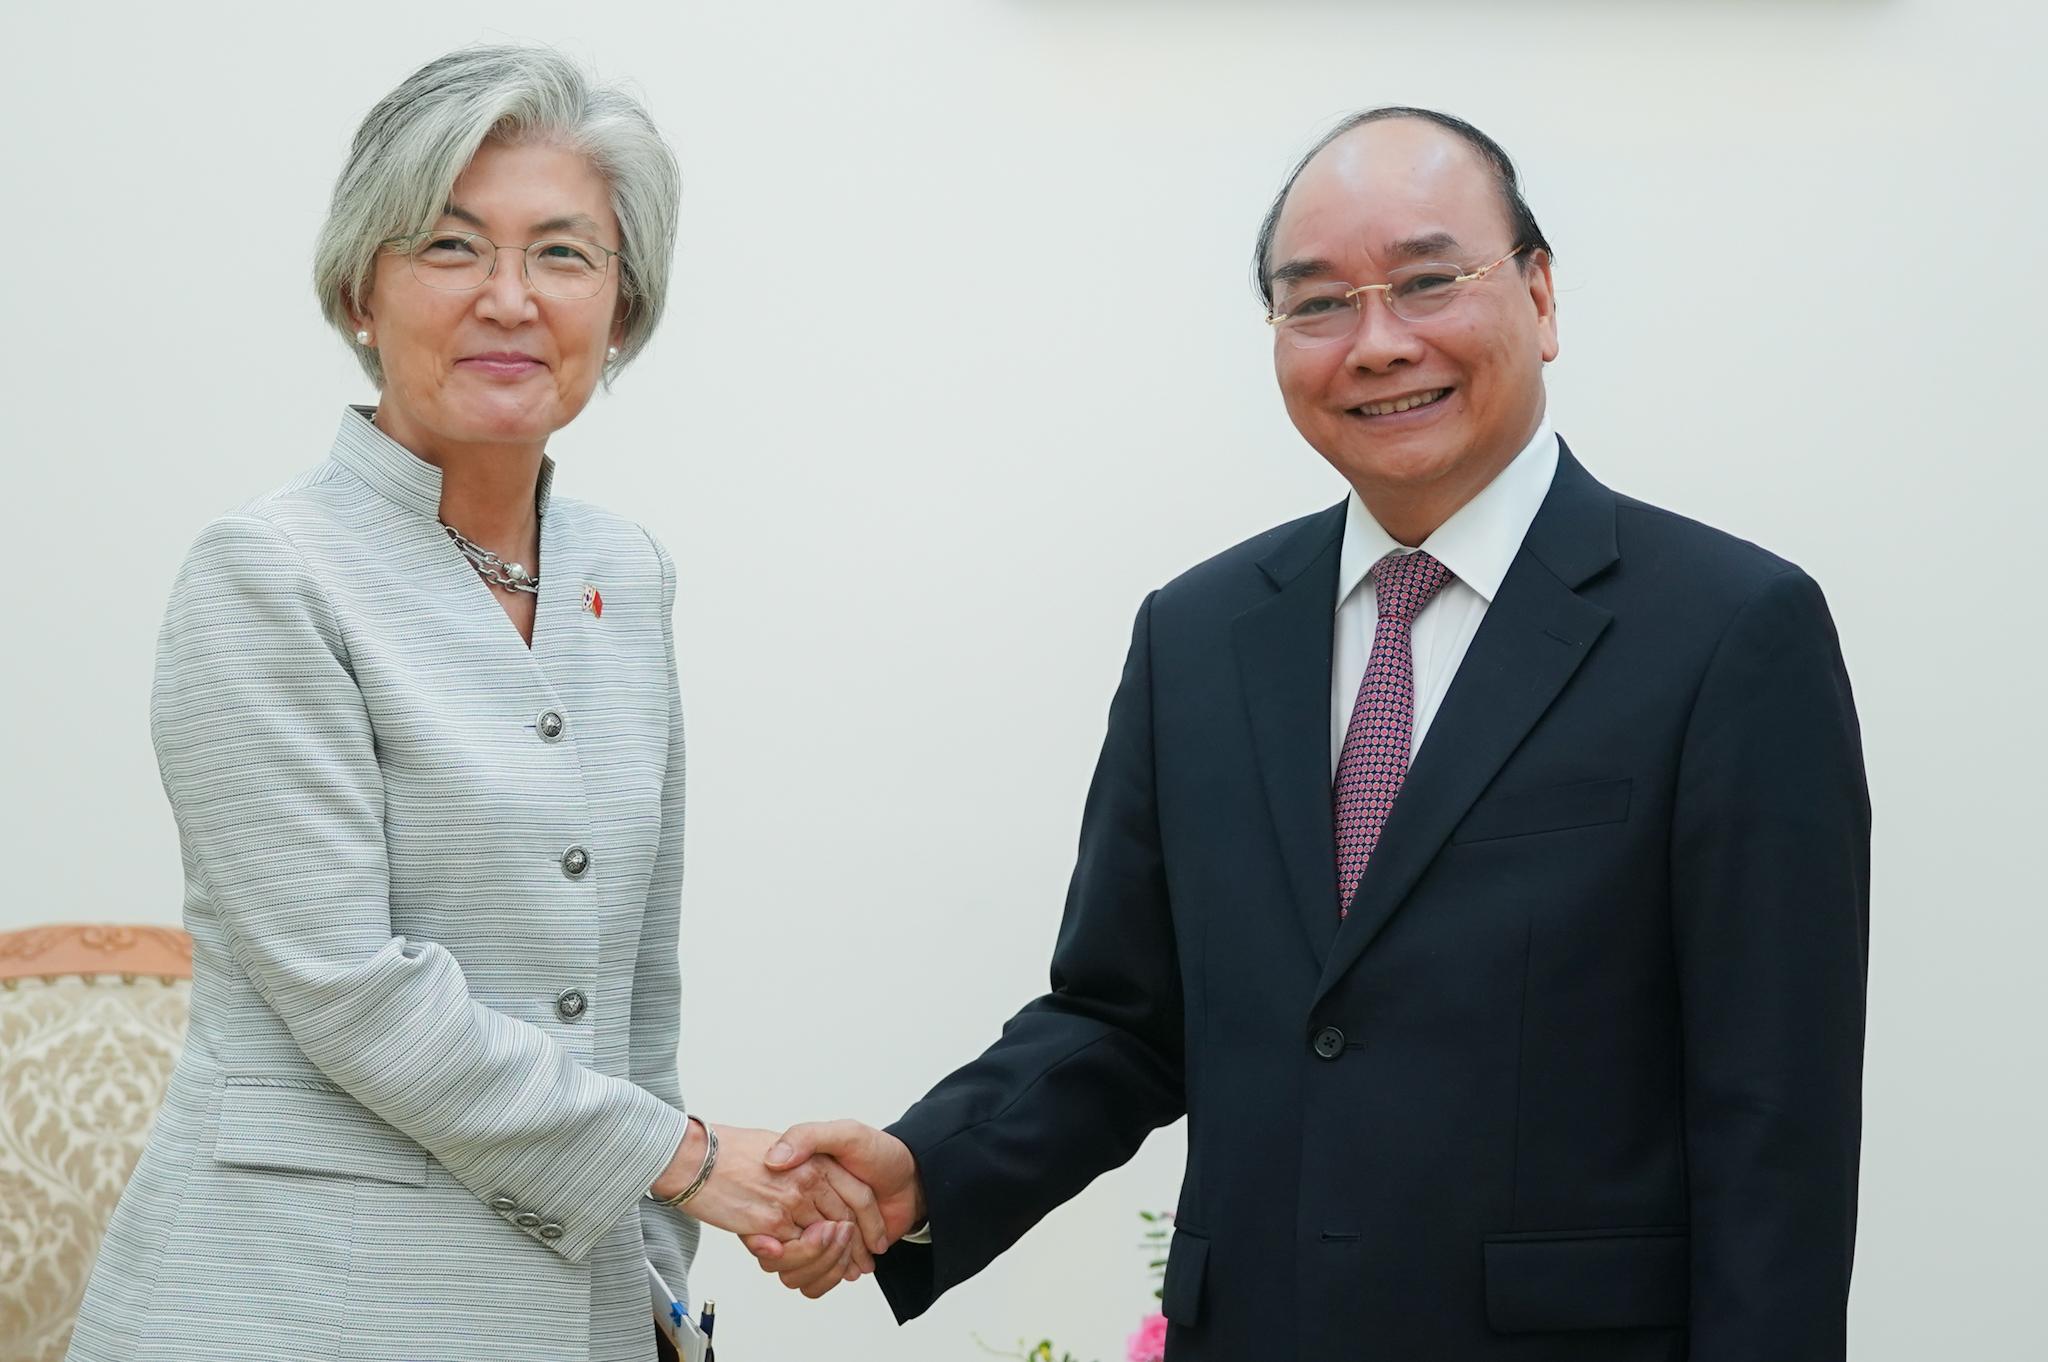 Thủ tướng muốn Hàn Quốc bỏ các điều kiện ràng buộc với các khoản vay ODA - Ảnh 1.